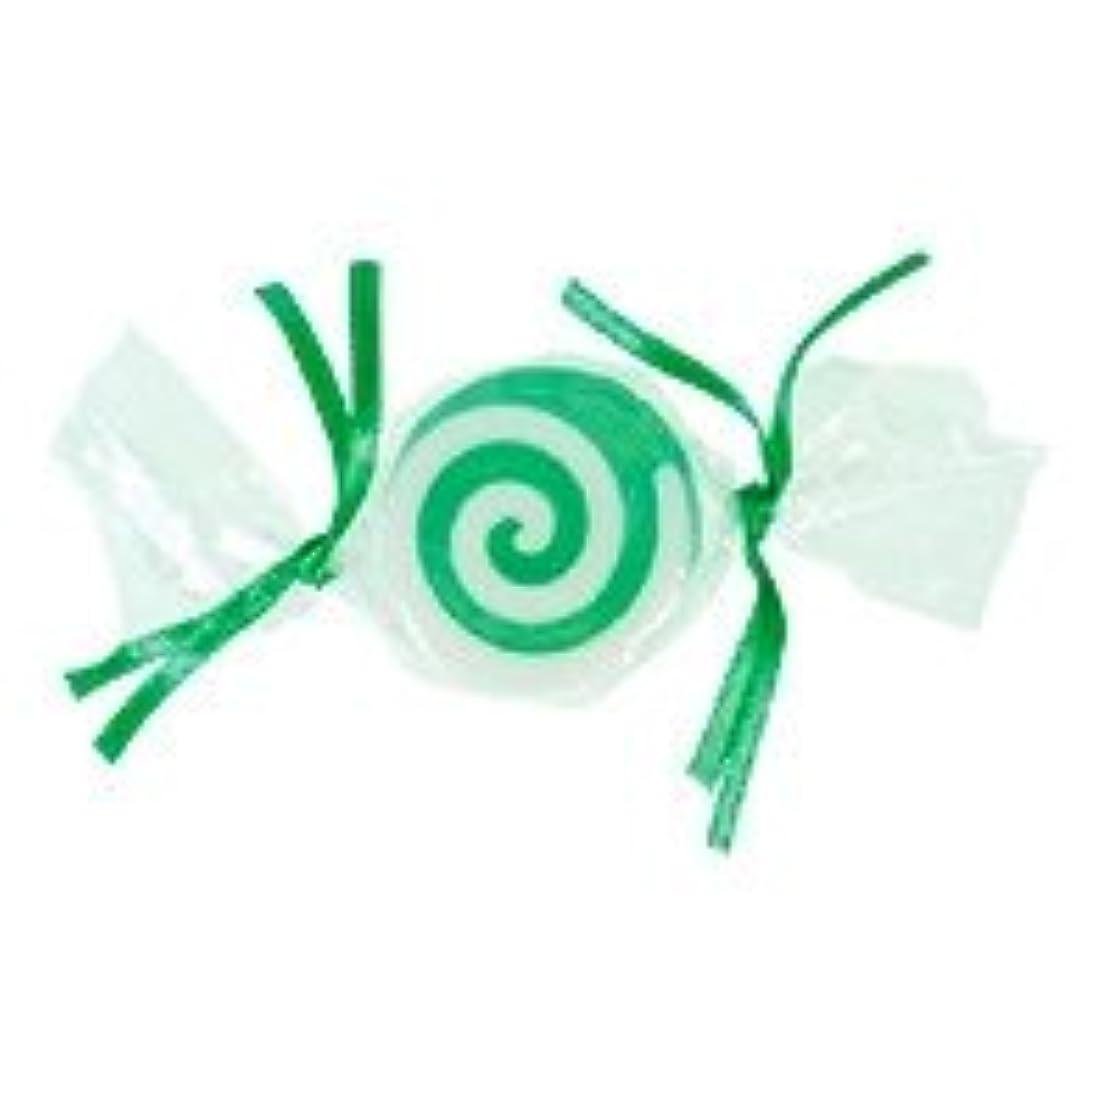 村なるルアーベジタブルソープ キャンディ「グリーン」20個セット グリーンアップルの香り